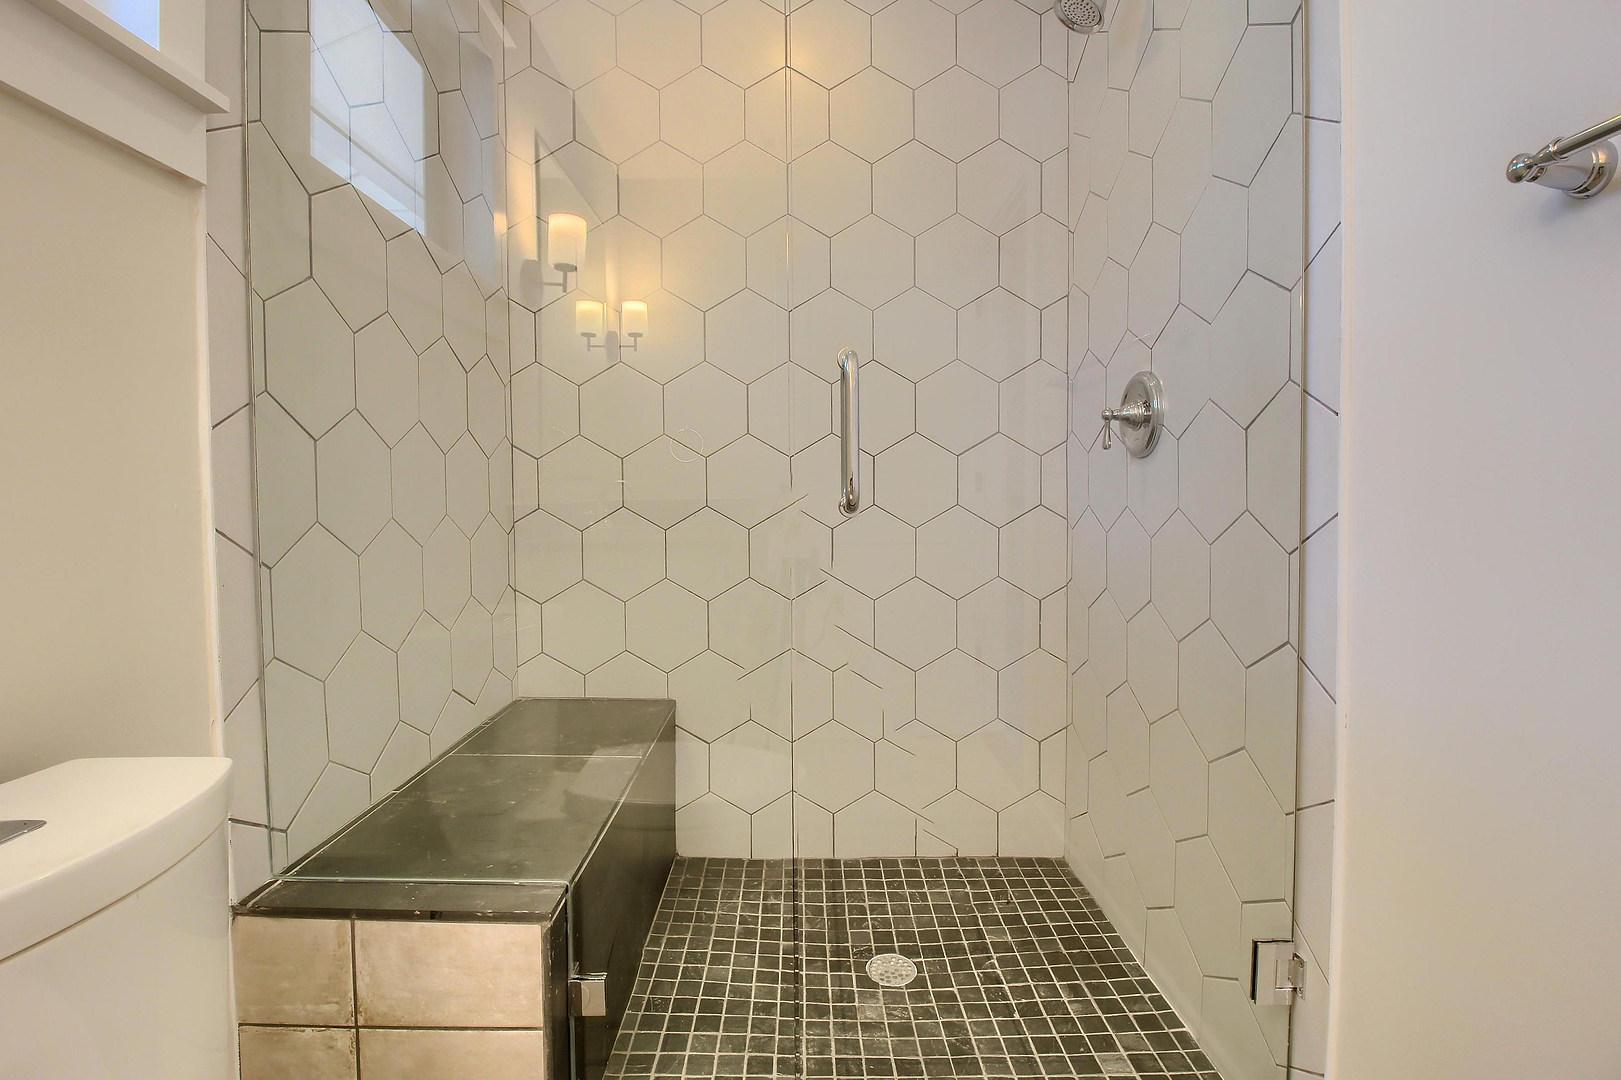 Home Renovation Walk In Shower on Bouldin in Austin, TX